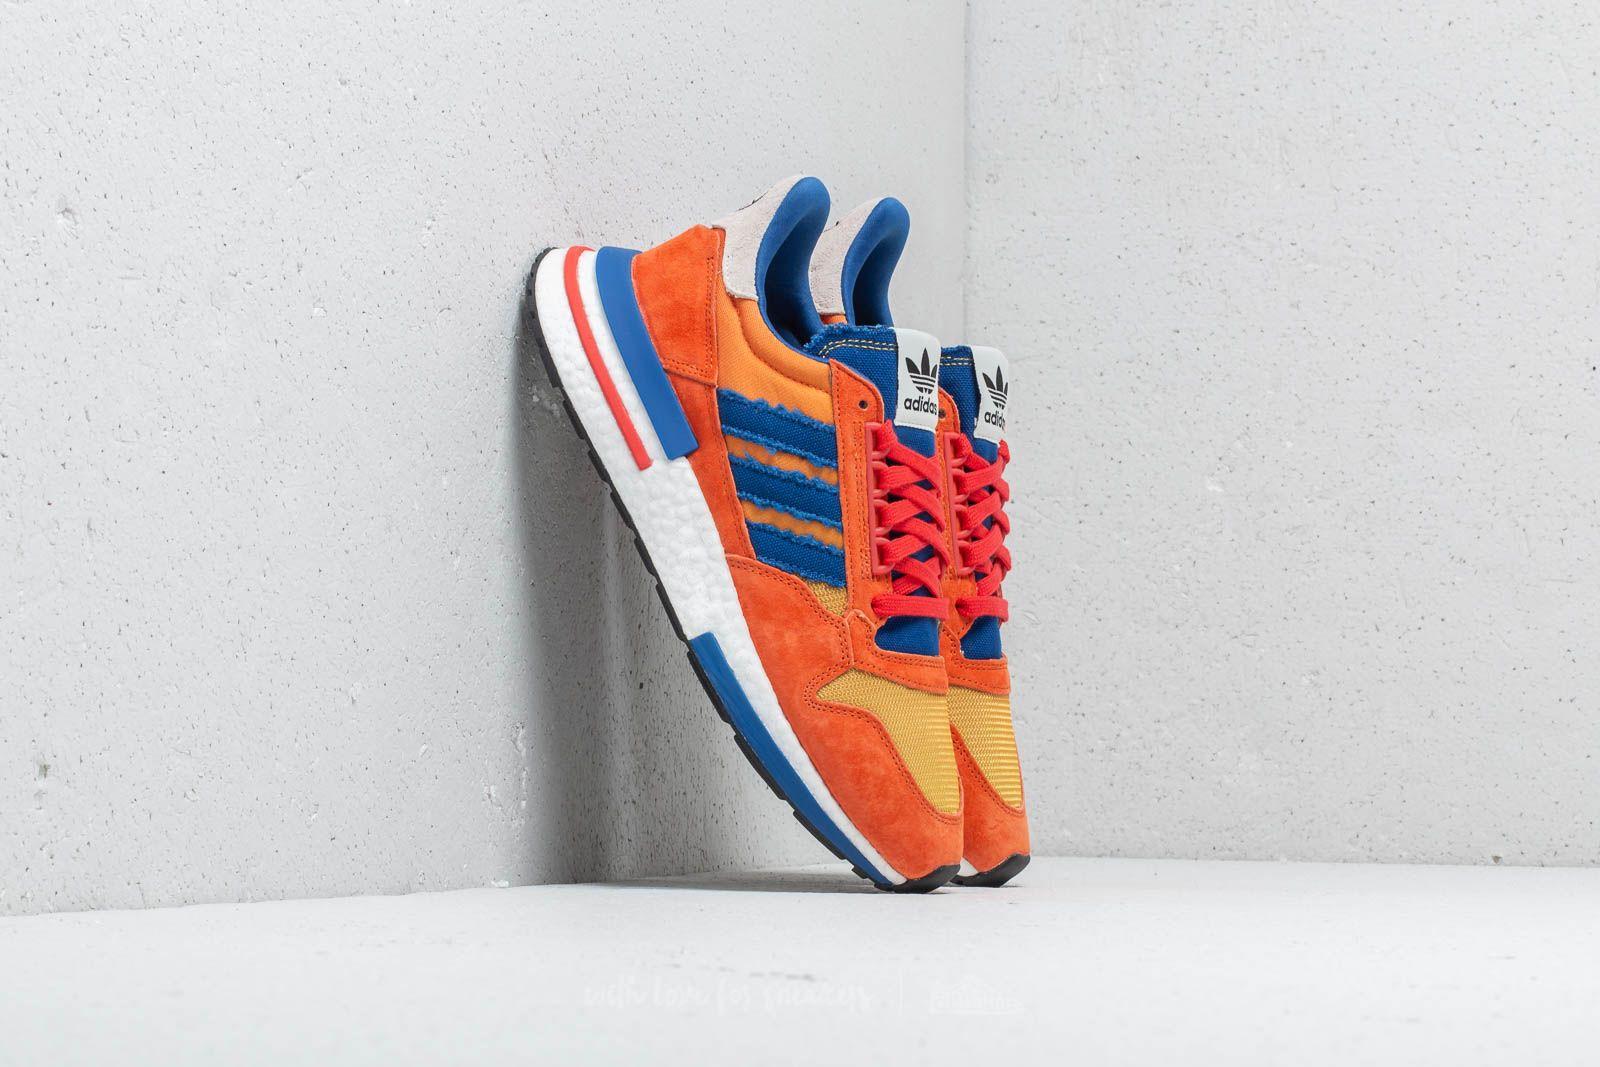 500 Adidas X Zx Z Dragon Restomod Orange Ball BlueFootshop 8nvwN0Om